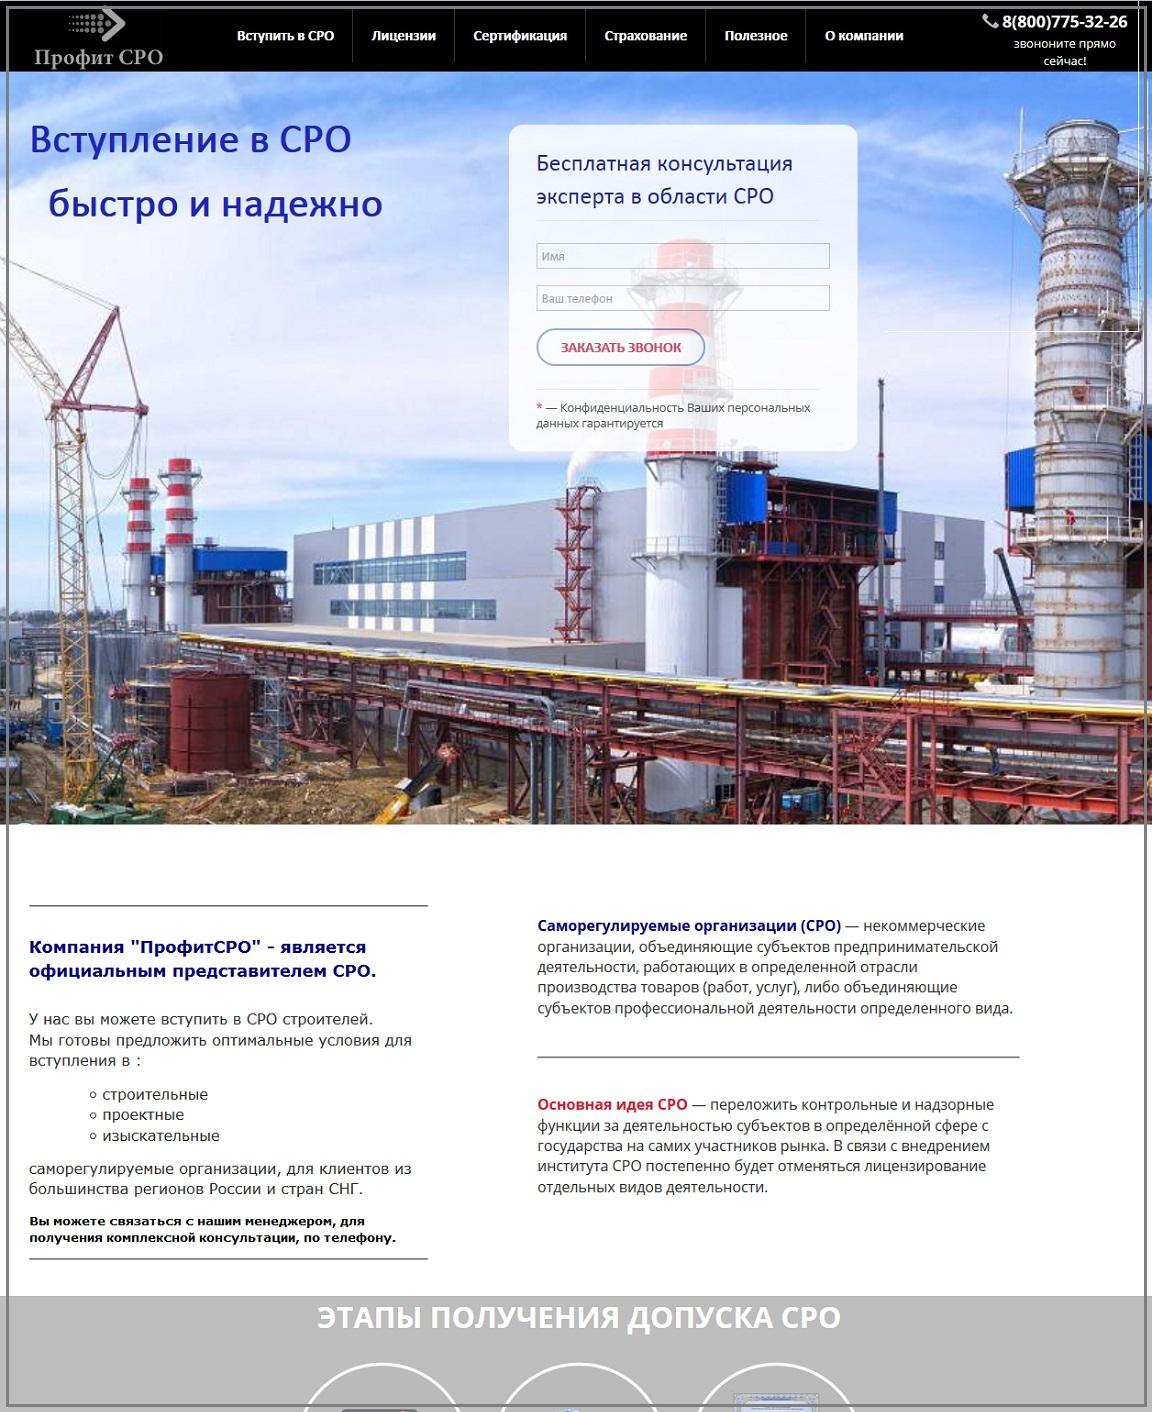 Сайт компании Профит-СРО